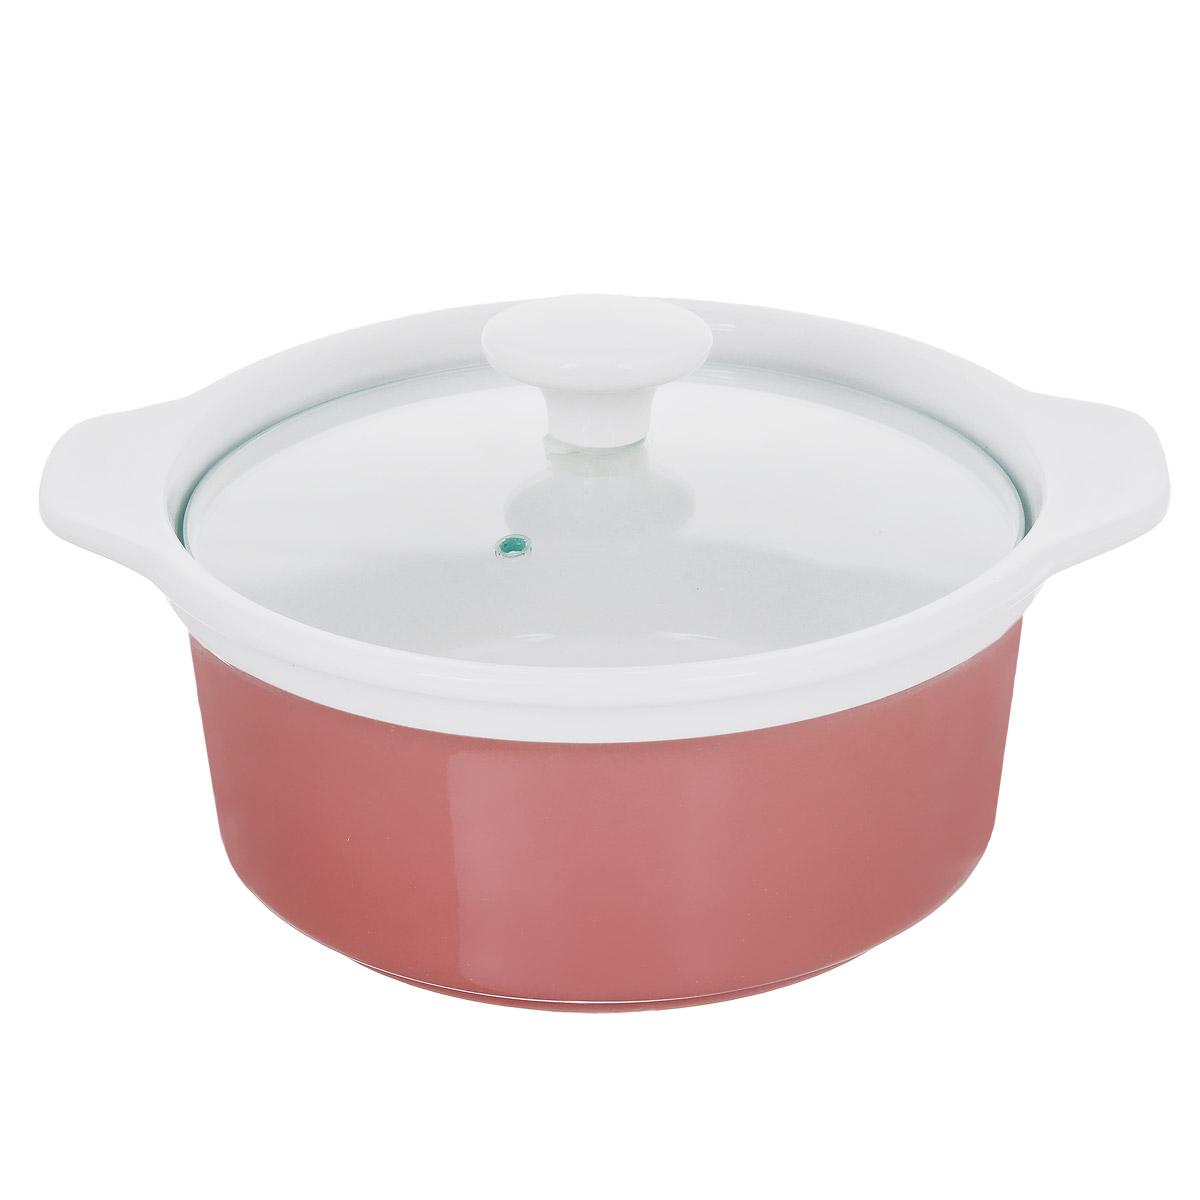 Кастрюля с крышкой, цвет: розовый, 1,2 л. Кт CX002CX002-PK (F)Кастрюля выполнена из высококачественной глазурованной керамики и предназначена для запекания различных блюд. Крышка кастрюли изготовлена из стекла с керамической ручкой и отверстием для пара. Можно мыть в посудомоечной машине и использовать в духовом шкафу. Не пригодна для использования на газовой плите. Это идеальный подарок для современных хозяек, которые следят за своим здоровьем и здоровьем своей семьи. Эргономичный дизайн и функциональность позволят вам наслаждаться процессом приготовления любимых, полезных для здоровья блюд. Внутренний диаметр: 16 см. Ширина кастрюли (с учетом ручек): 23 см. Высота стенки: 9 см.